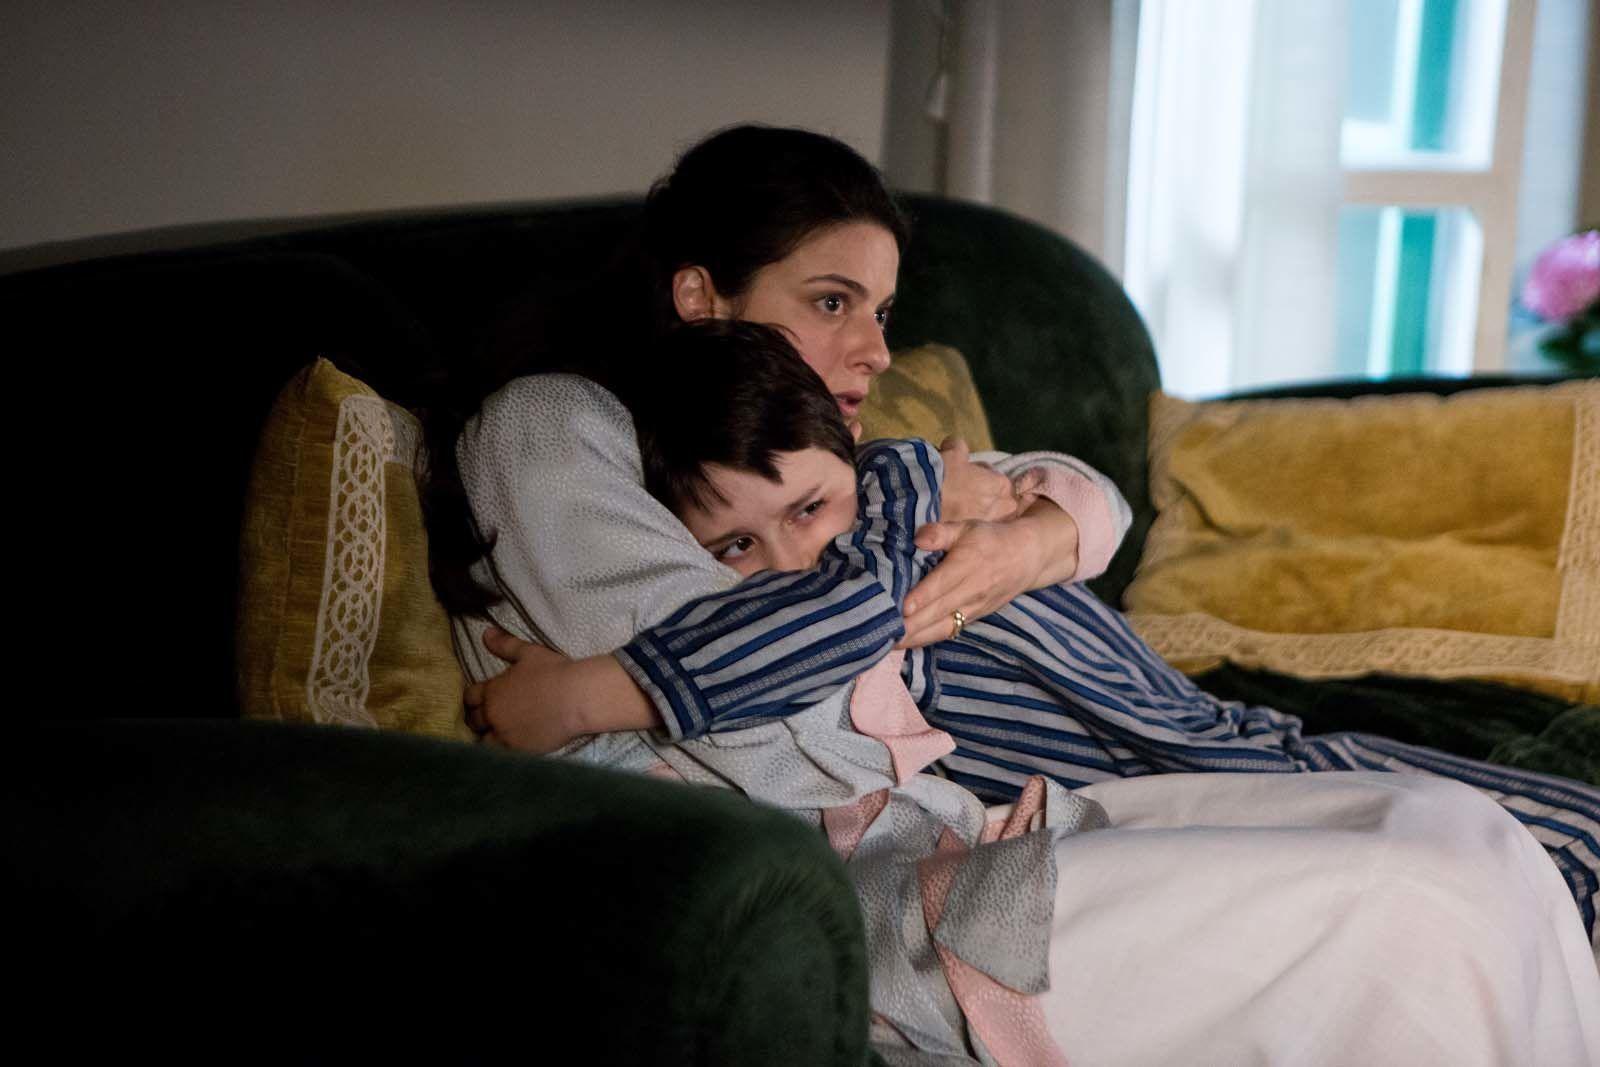 Fais de beaux rêves (BANDE ANNONCE) de Marco Bellocchio - Le 28 décembre 2016 au cinéma (Fai Bei Sogni)